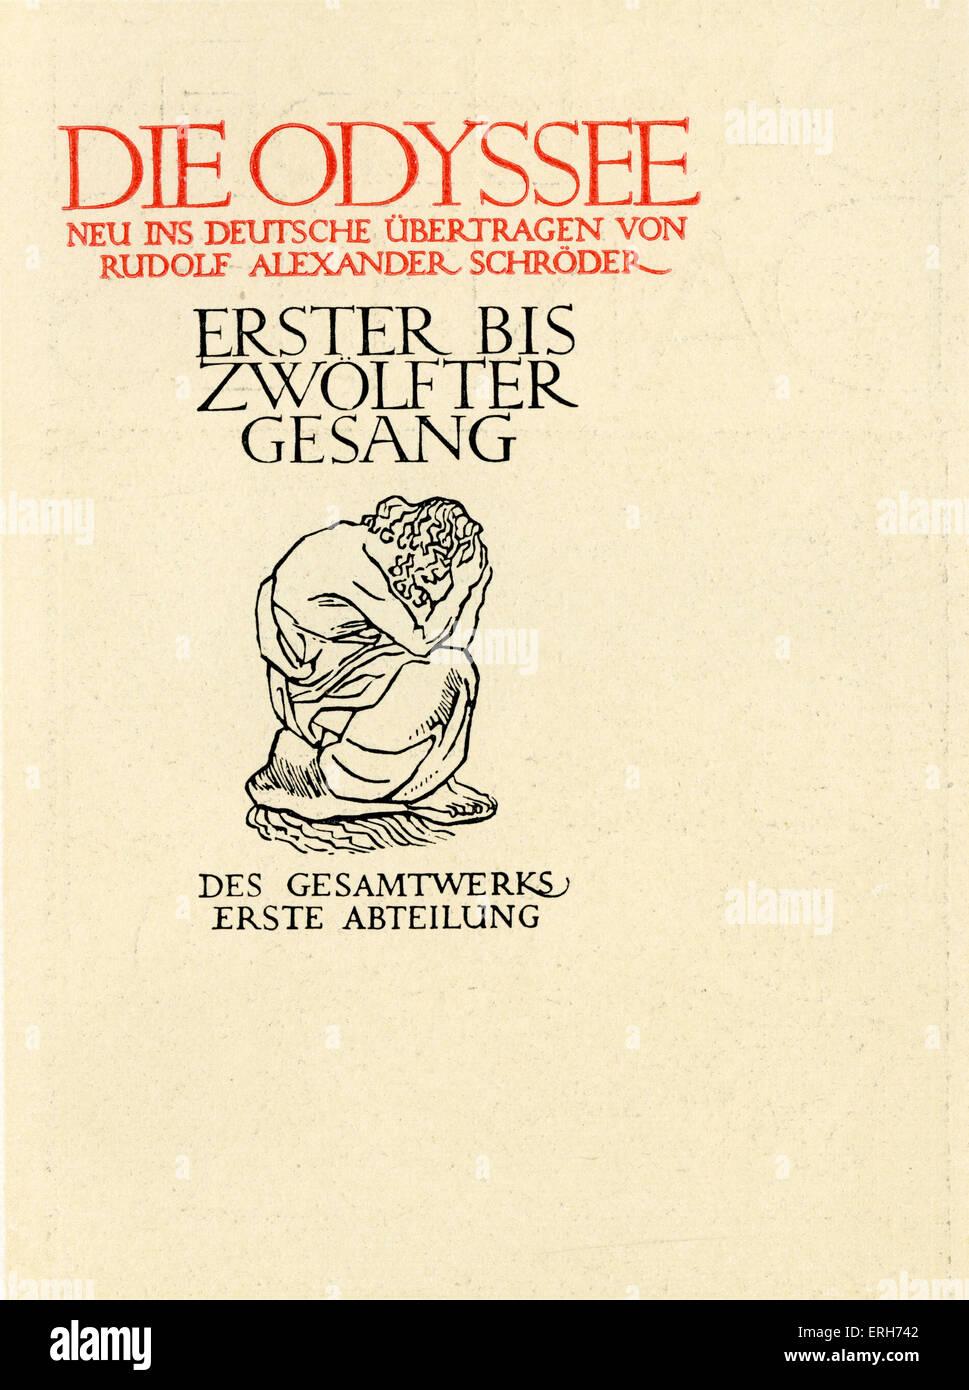 Die Odyssee Volume I (Odyssey) new version in German by Rudolf Alexander Schröder. 'Erster bis zwolfter - Stock Image